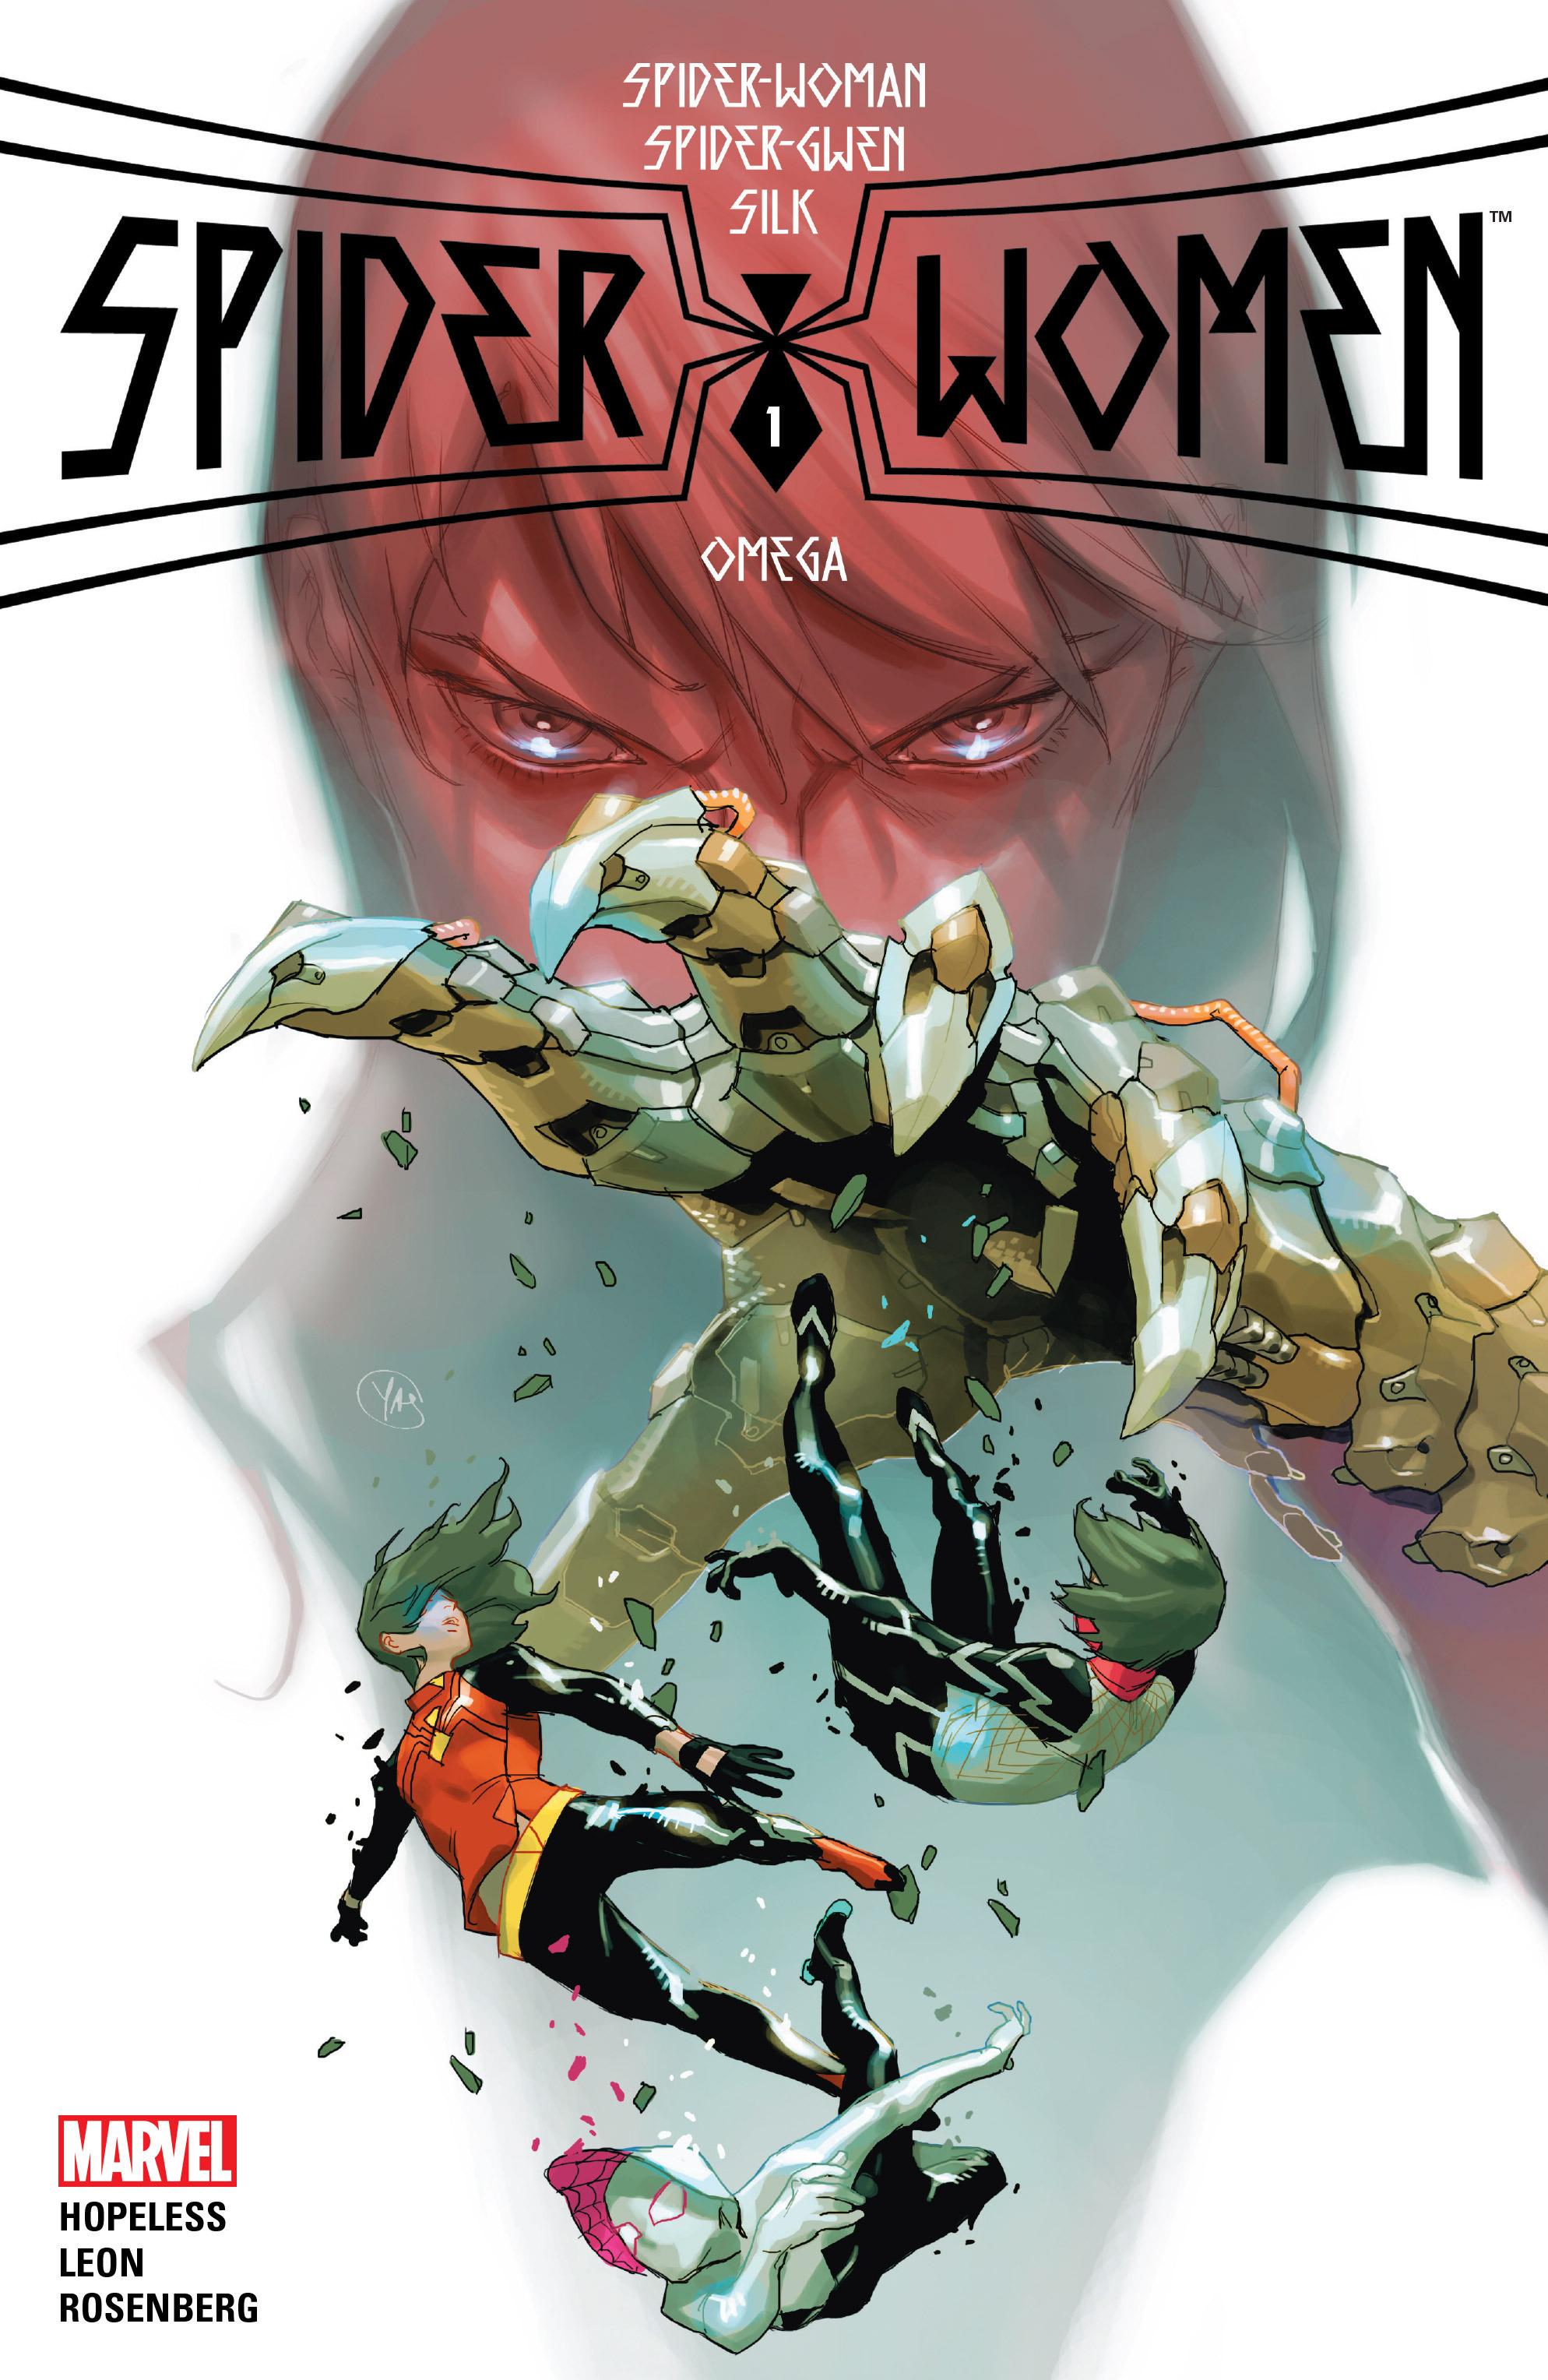 Read online Spider-Women Omega comic -  Issue # Full - 1